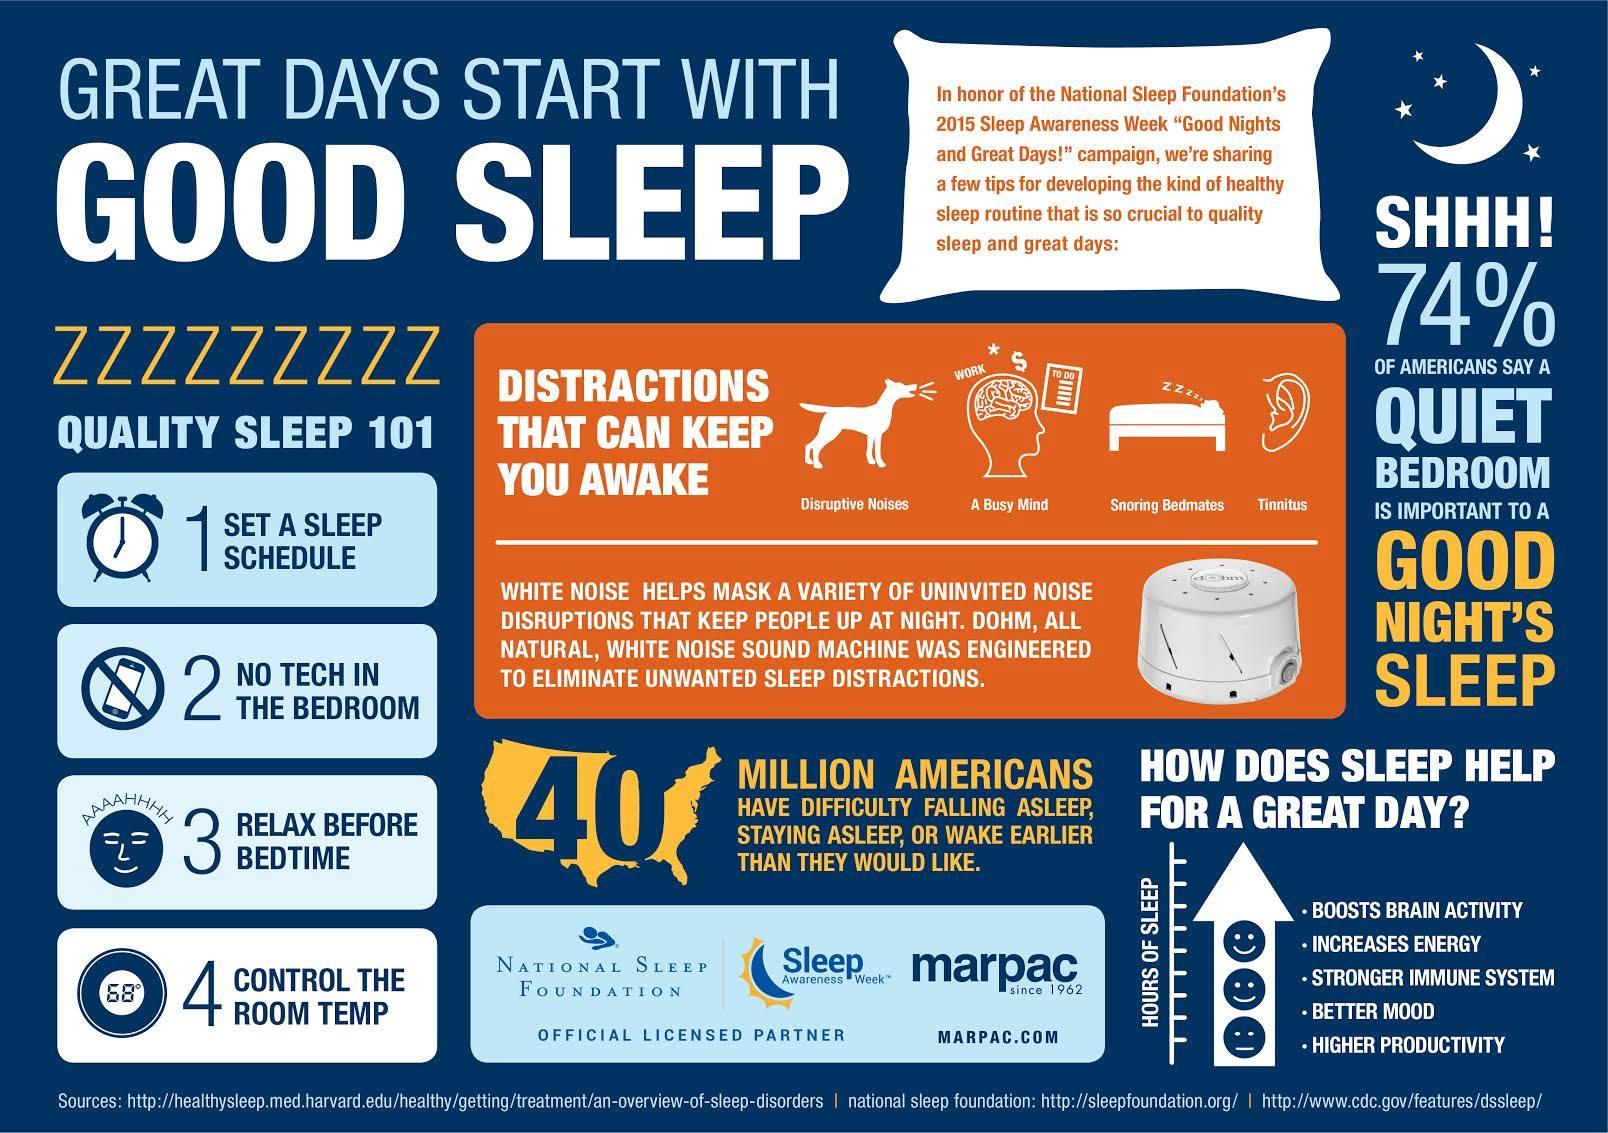 Good sleep infographic